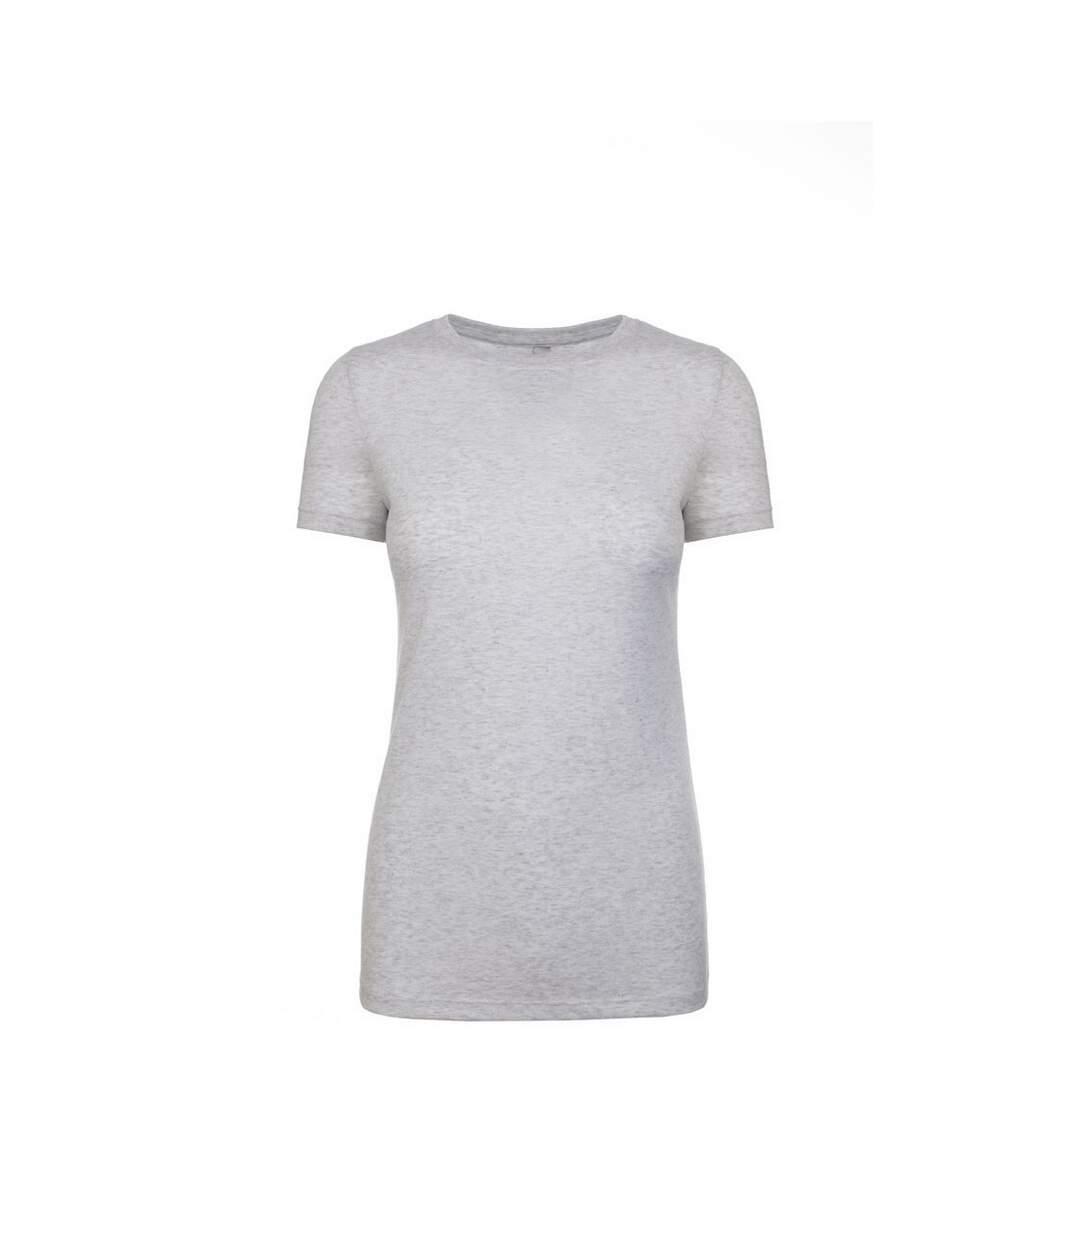 Next Level - T-Shirt Manches Courtes - Femme (Blanc chiné) - UTPC3496